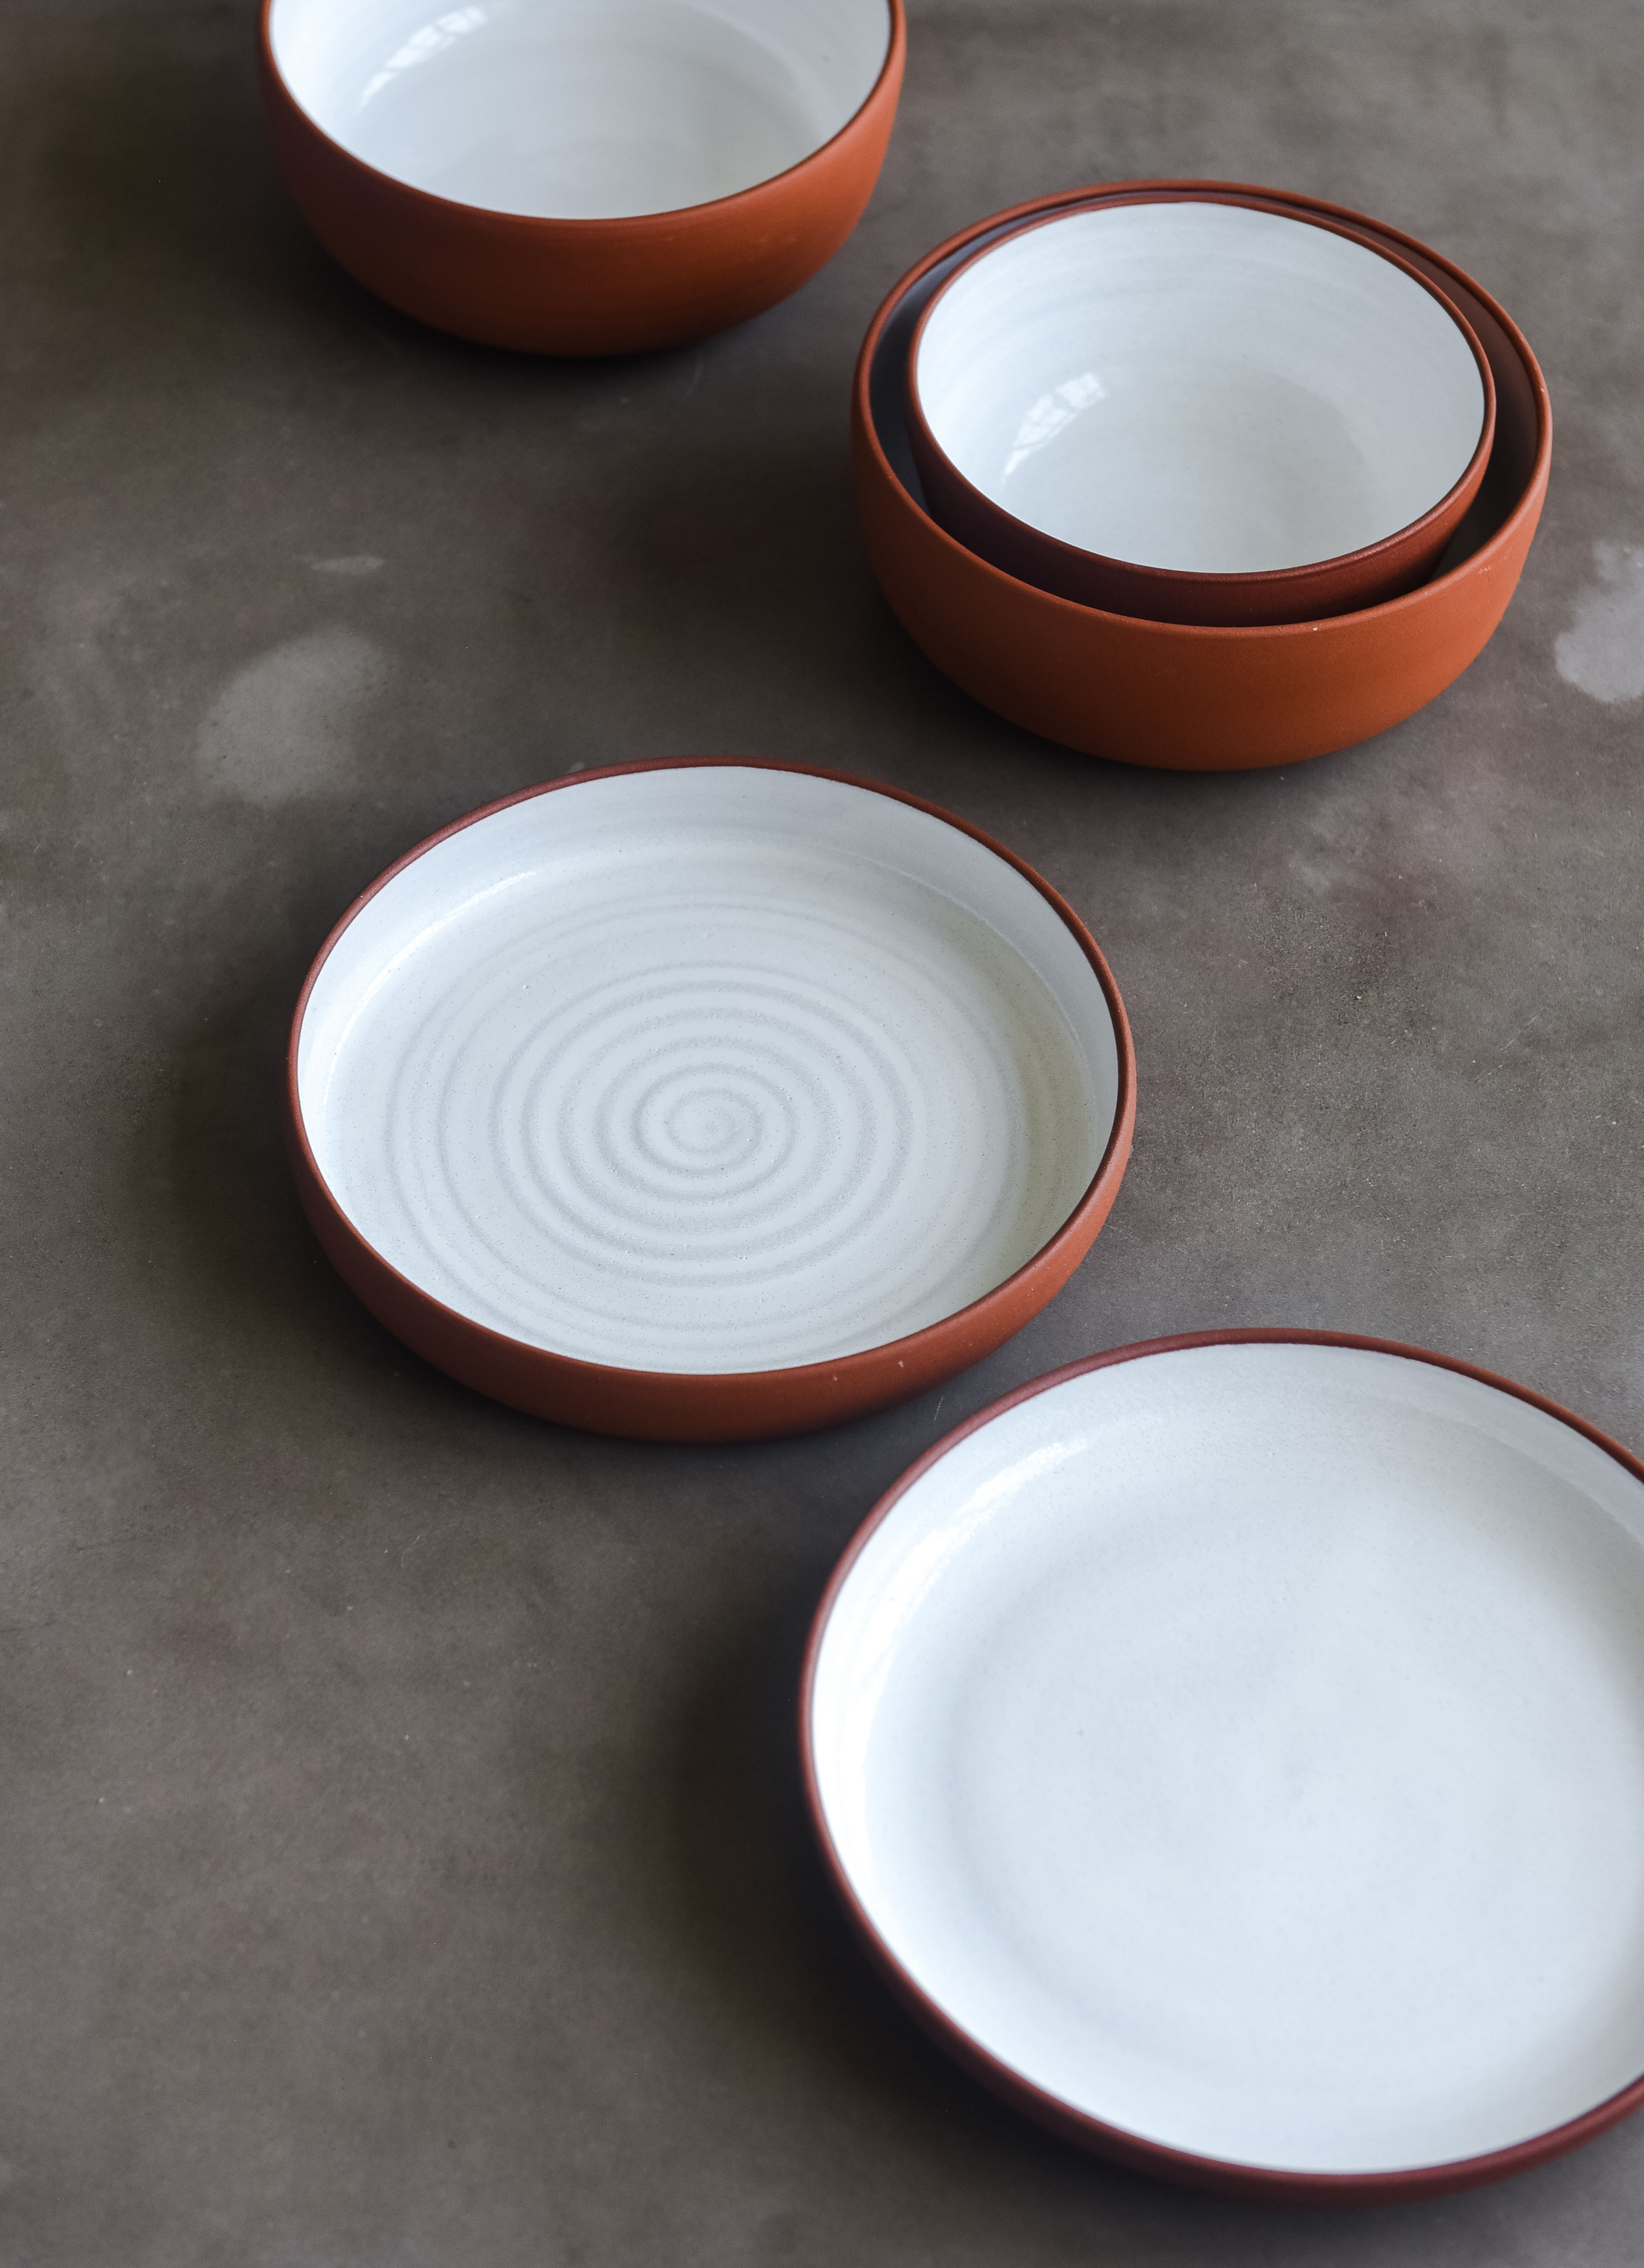 Terracotta Dinner Set Handmade Ceramic Dinnerware Terracotta Bowl And Plates Handmade Tableware Stoneware Dinnerware Rustic Dish Set Stoneware Dinnerware Handmade Tableware Handmade Dinnerware